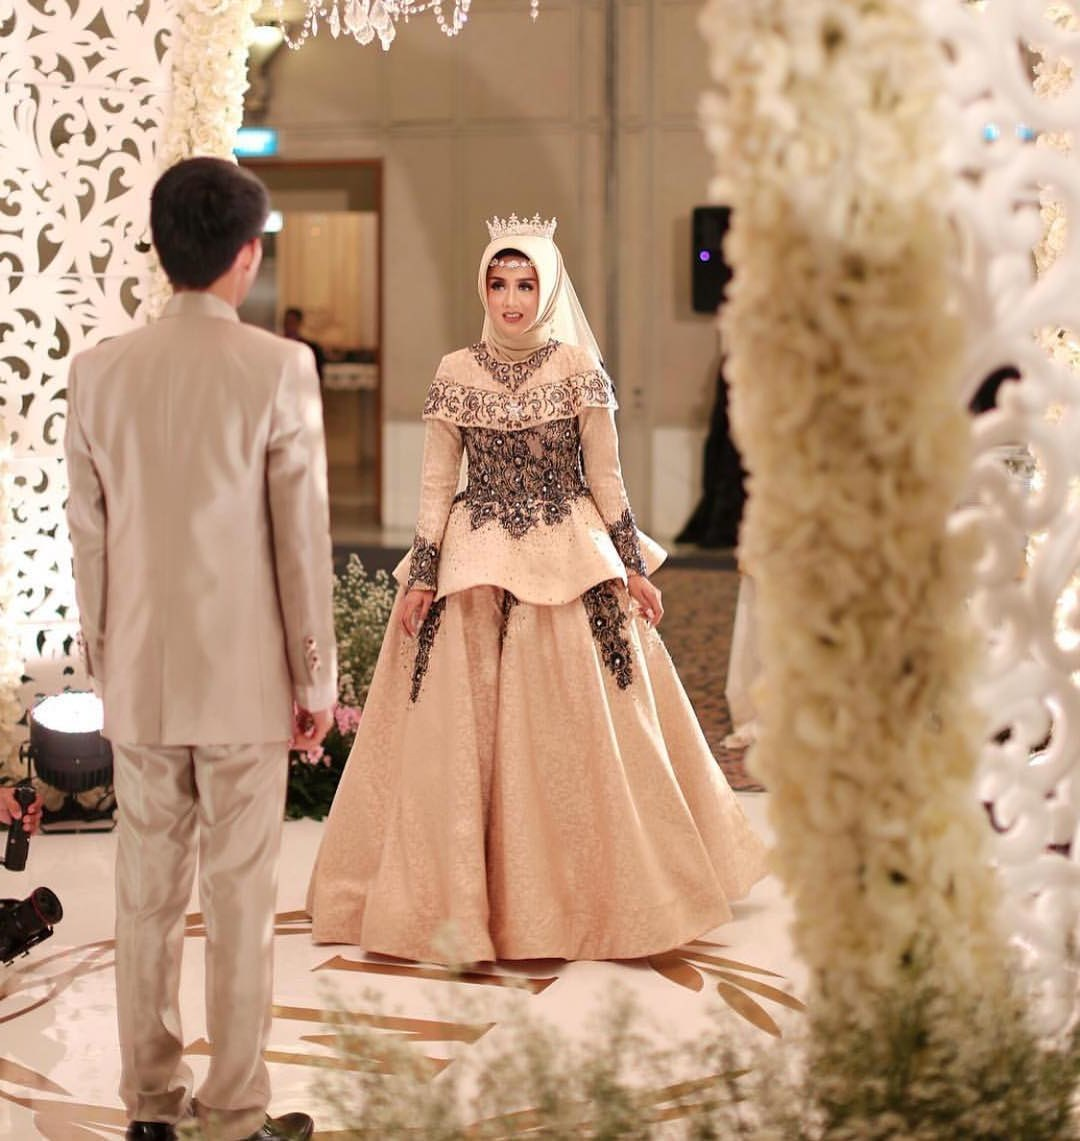 Bentuk Gaun Pengantin Muslimah Terindah E9dx Gaun Pengantin Muslimah Simple Tapi Elegan Malaysia